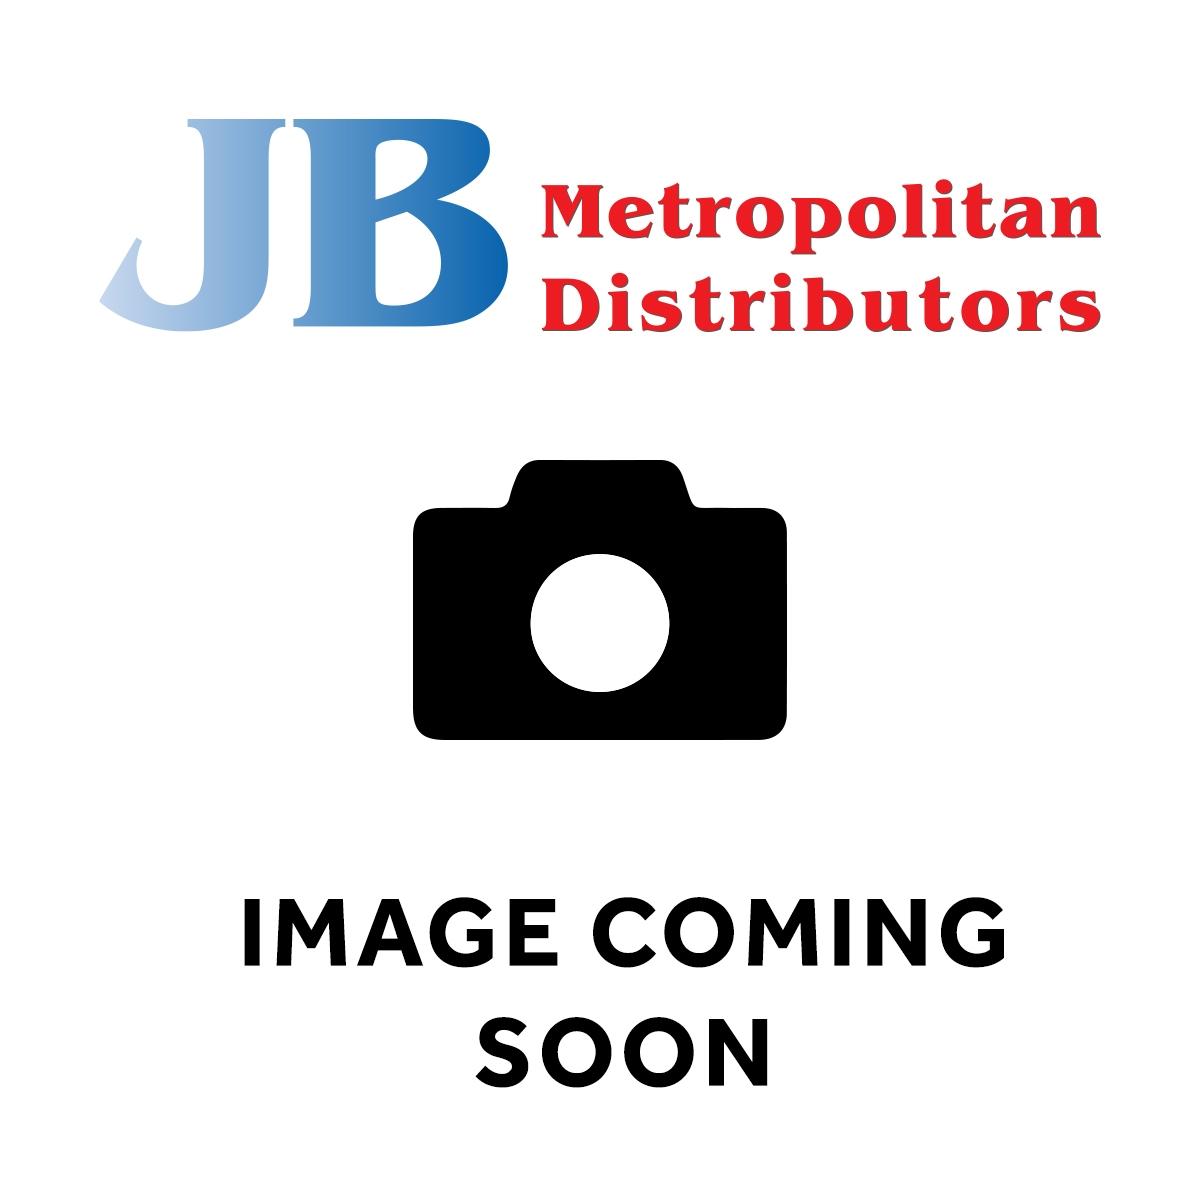 25G FISHERMANS FRIEND ORIGINAL